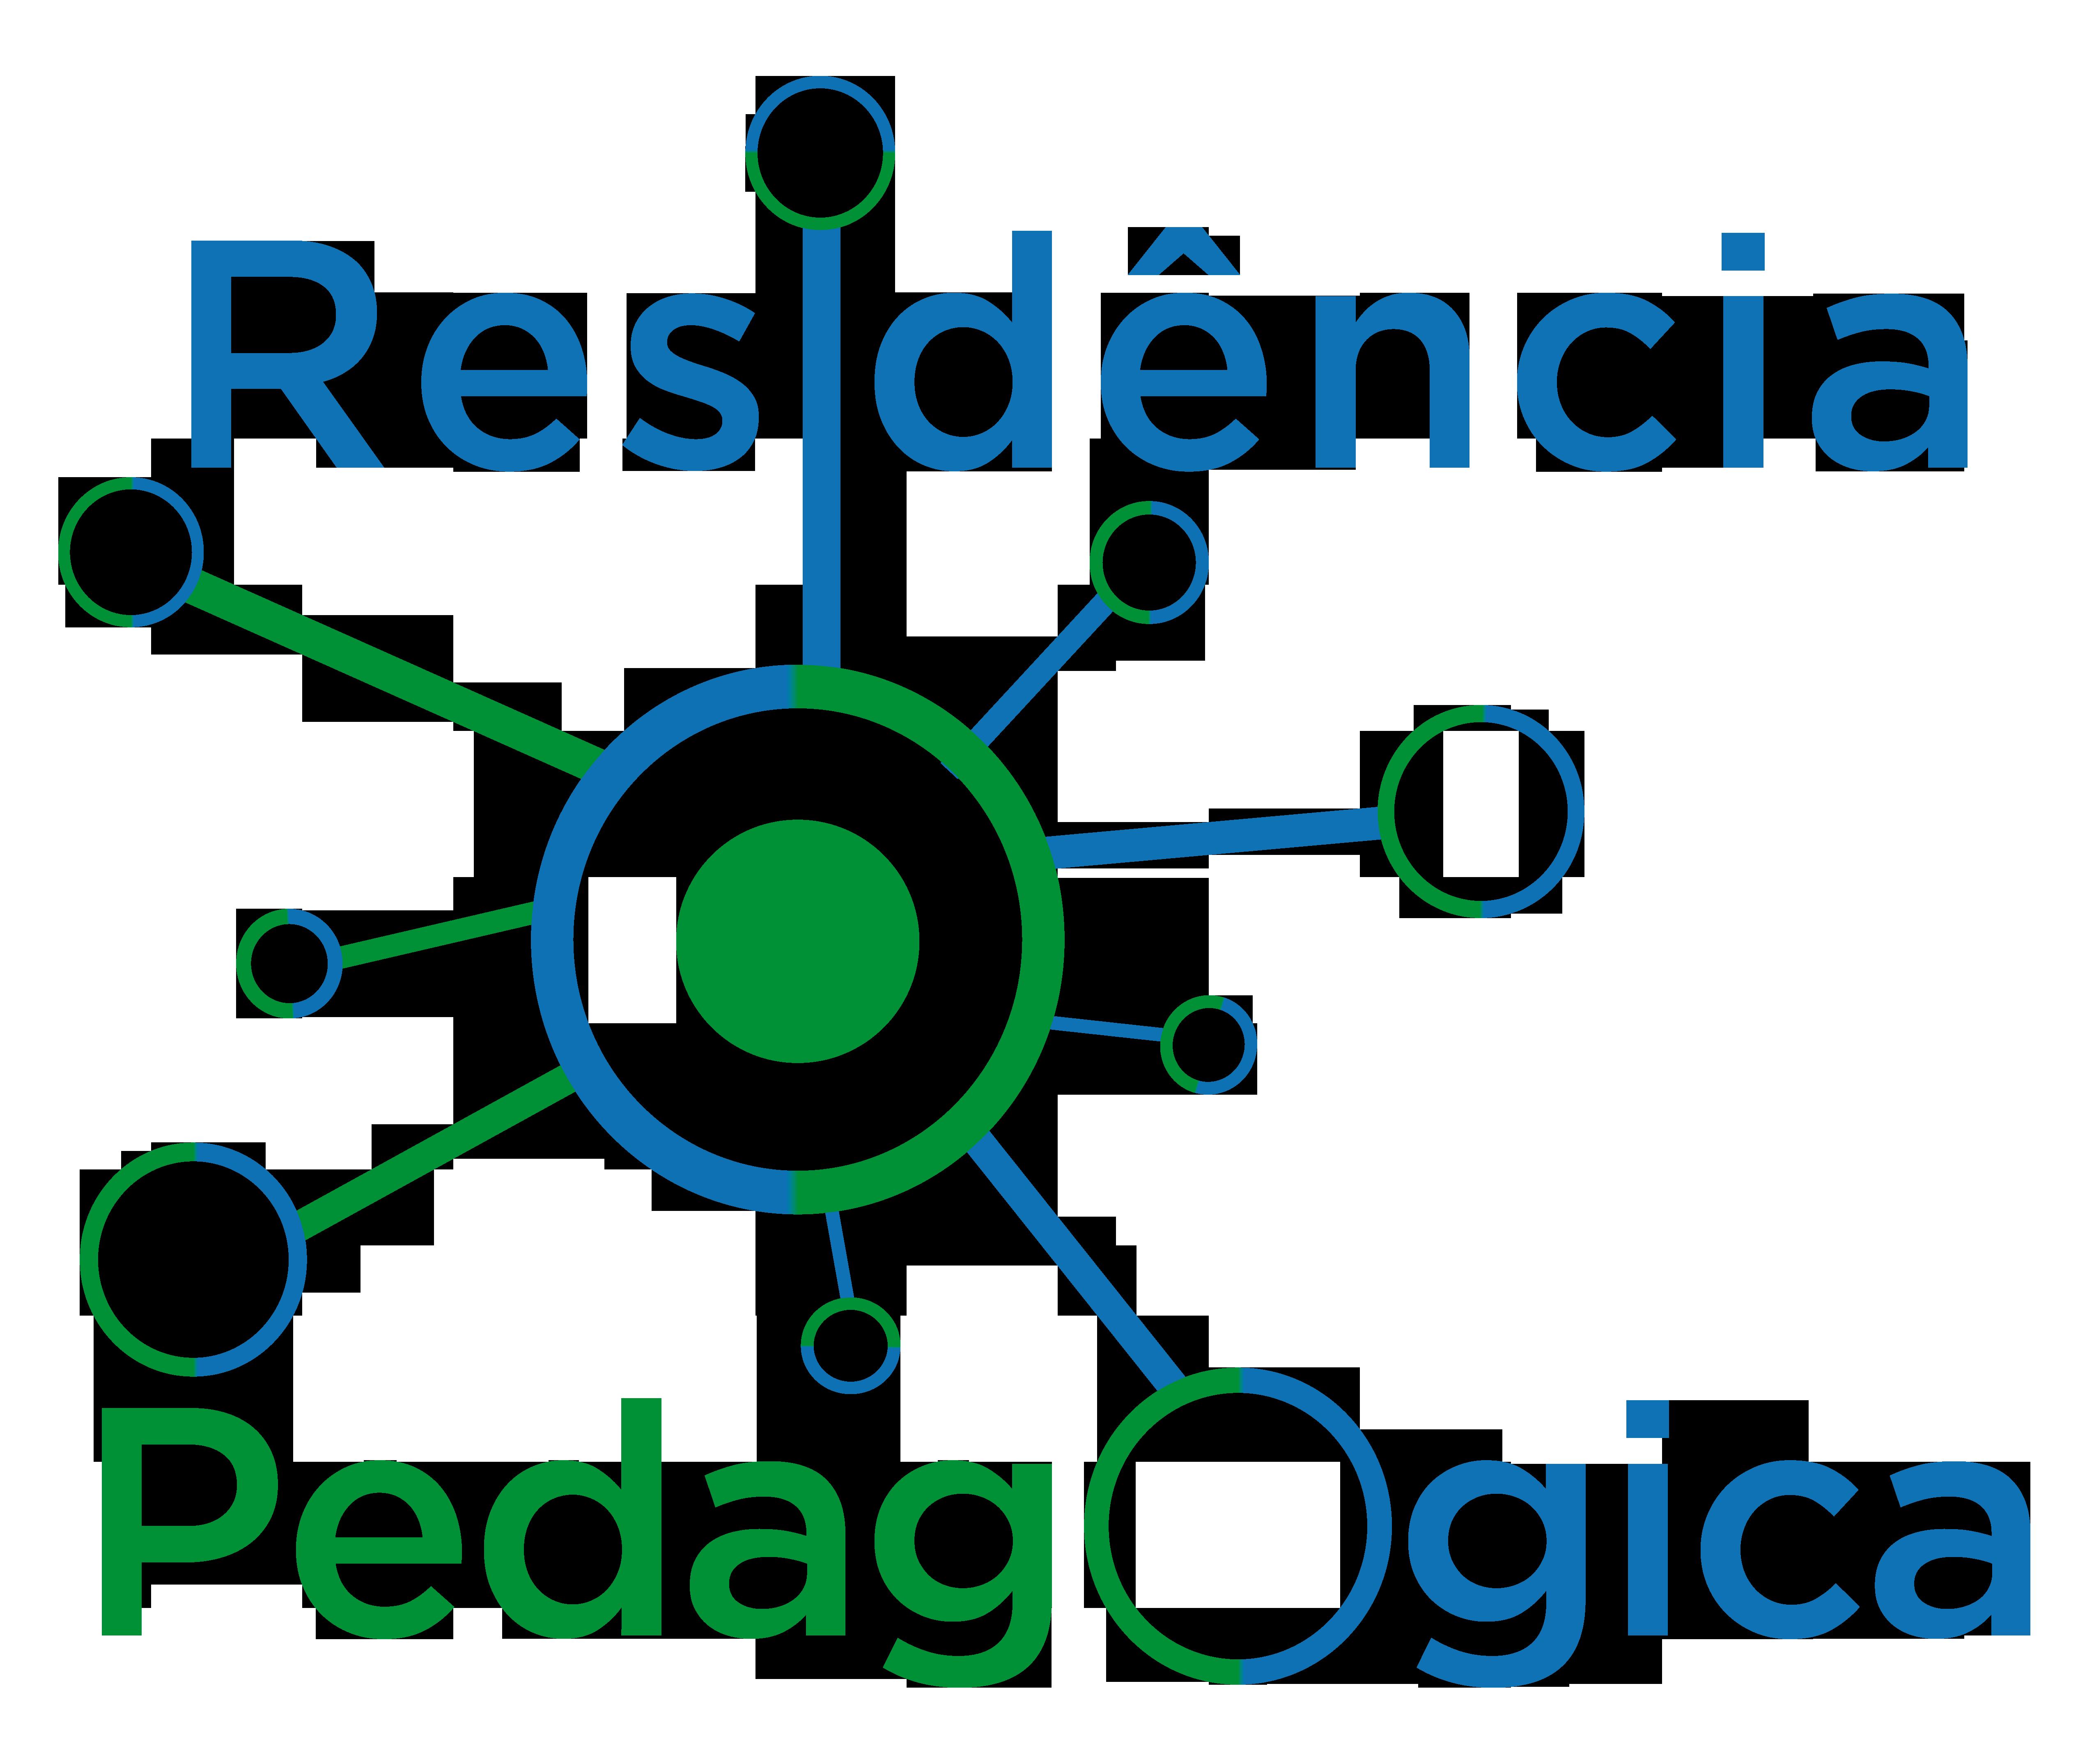 02072019 logomarca residencia pedagogica